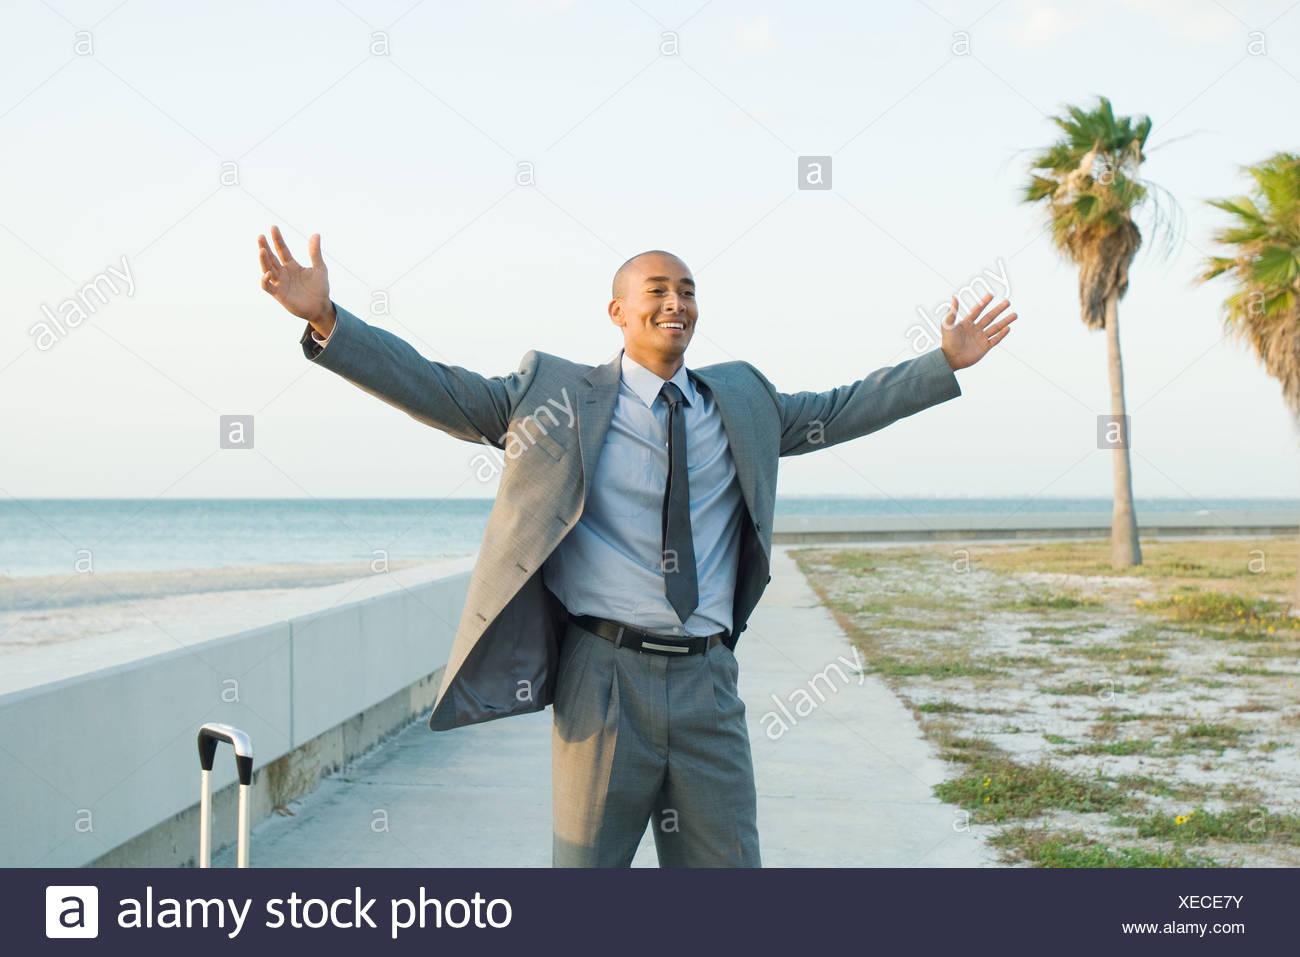 Empresario de pie cerca de la playa con los brazos levantados, sonriendo Imagen De Stock